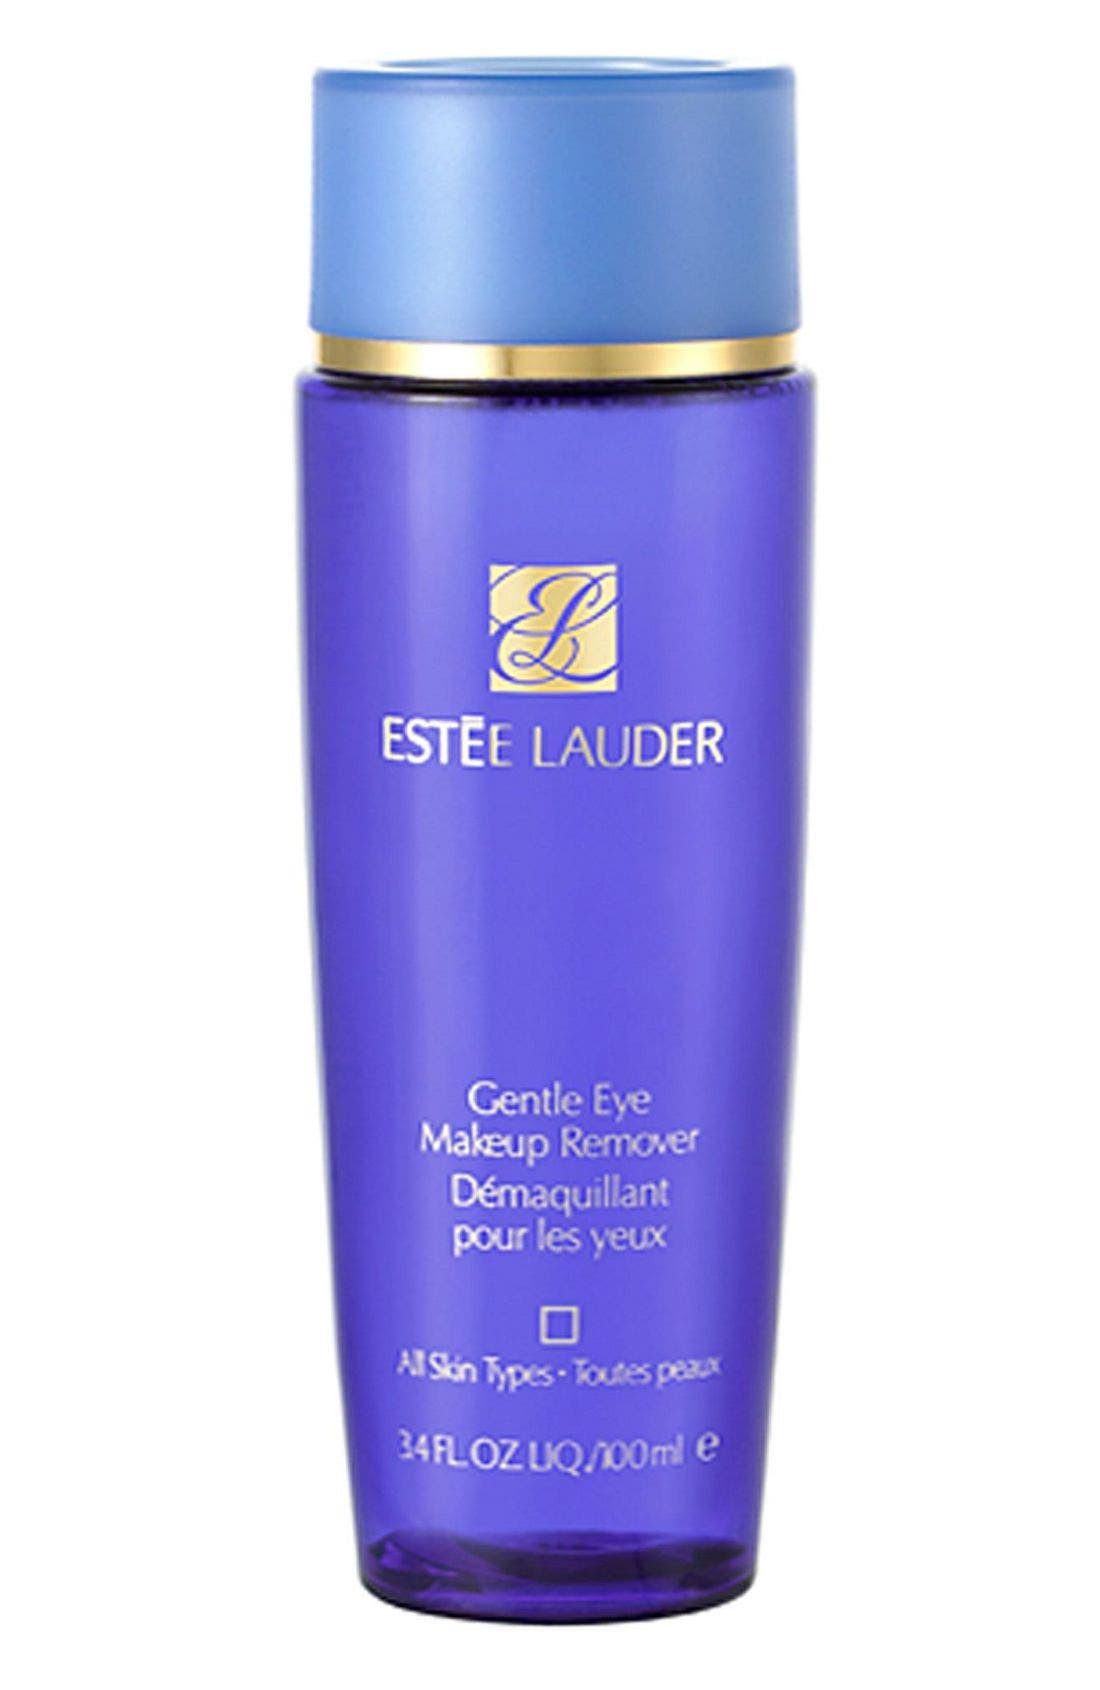 Estee Lauder Gentle Eye Makeup Remover - No Color